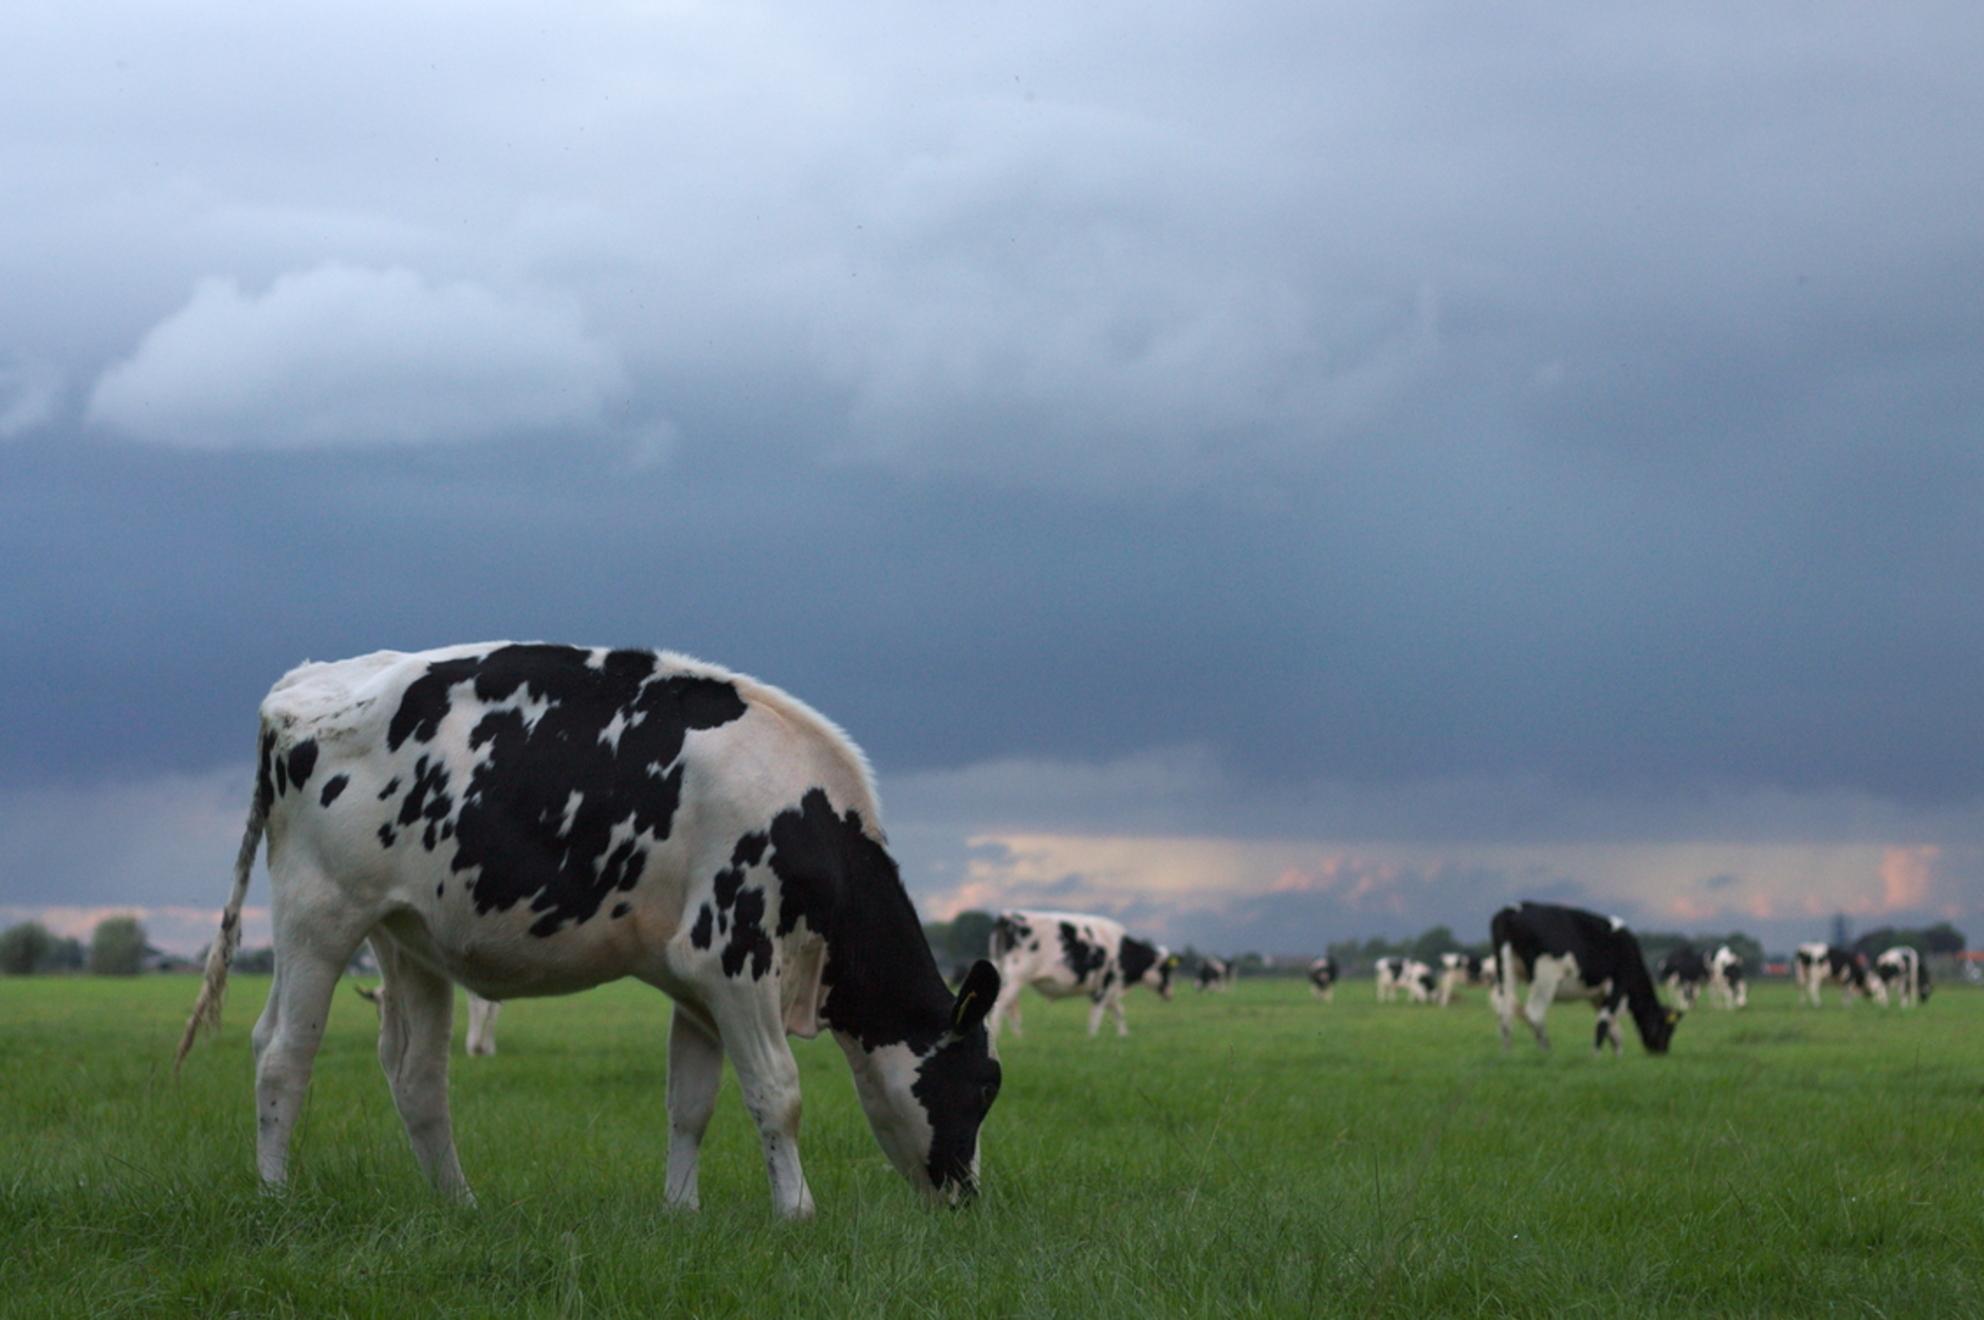 Hollandse Glorie - Toen ik deze dreigende lucht zag moest ik er natuurlijk een foto maken, en de koeien waren een leuke toevoeging :) - foto door GabriellaStam op 18-09-2016 - deze foto bevat: groen, lucht, wolken, boom, natuur, licht, koeien, koe, dieren, landschap, nederland, polder, dreigend - Deze foto mag gebruikt worden in een Zoom.nl publicatie